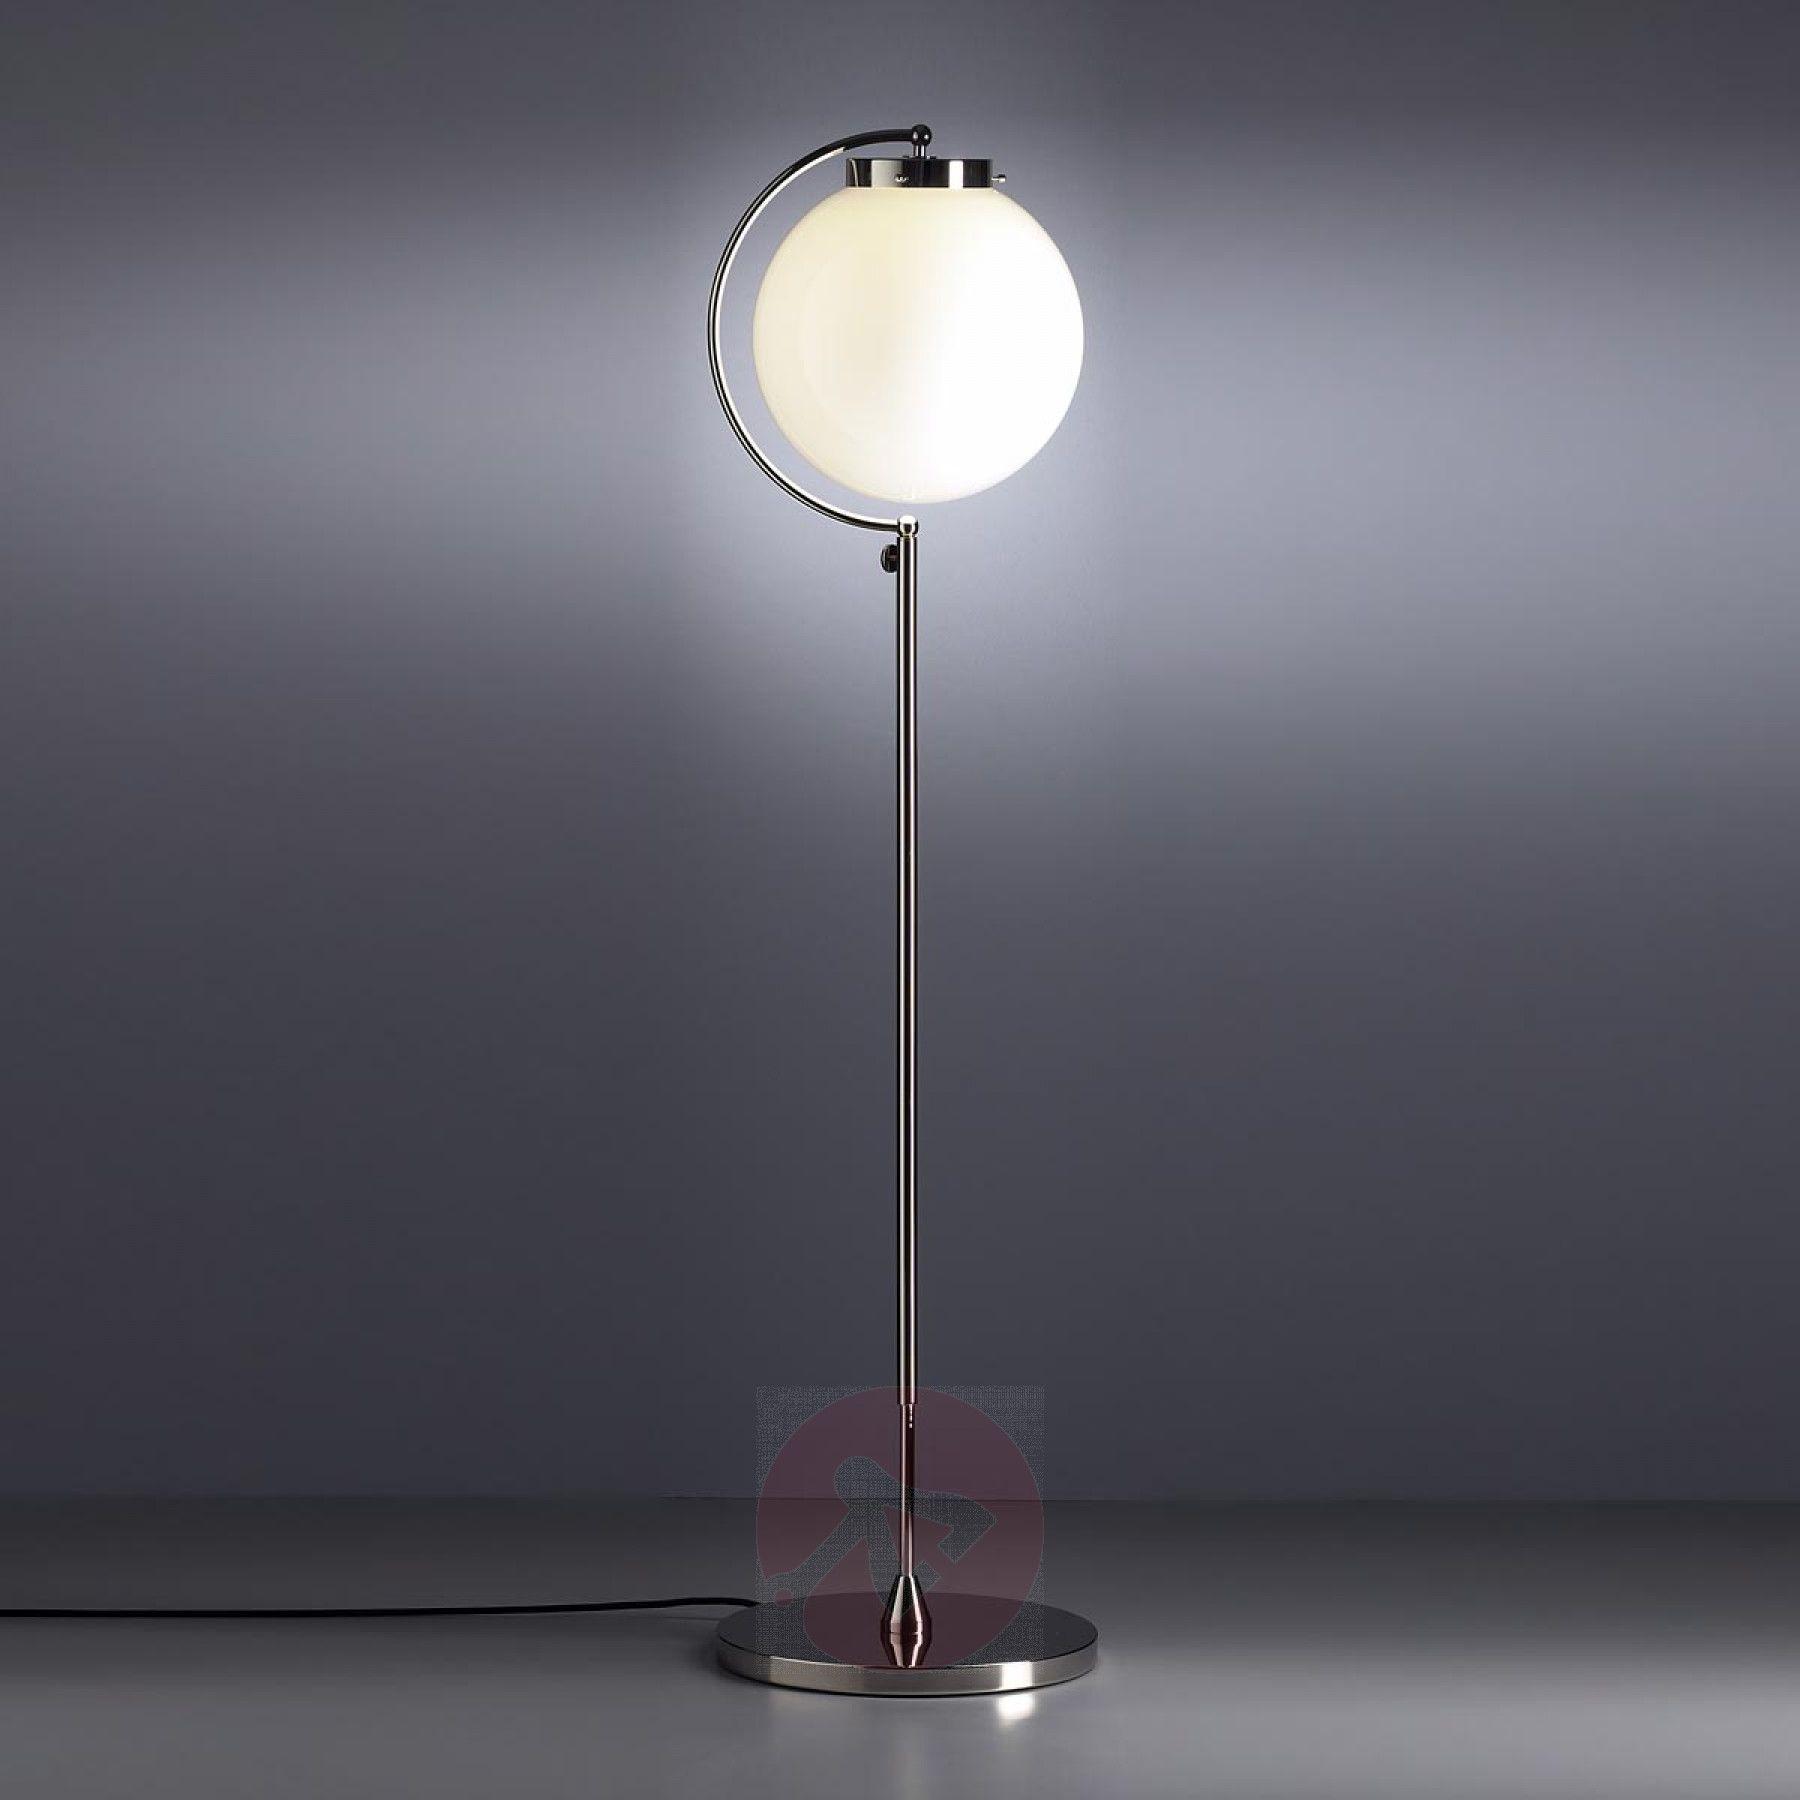 TECNOLUMEN Döcker, BauhausStehleuchte in 2020 Stehlampe